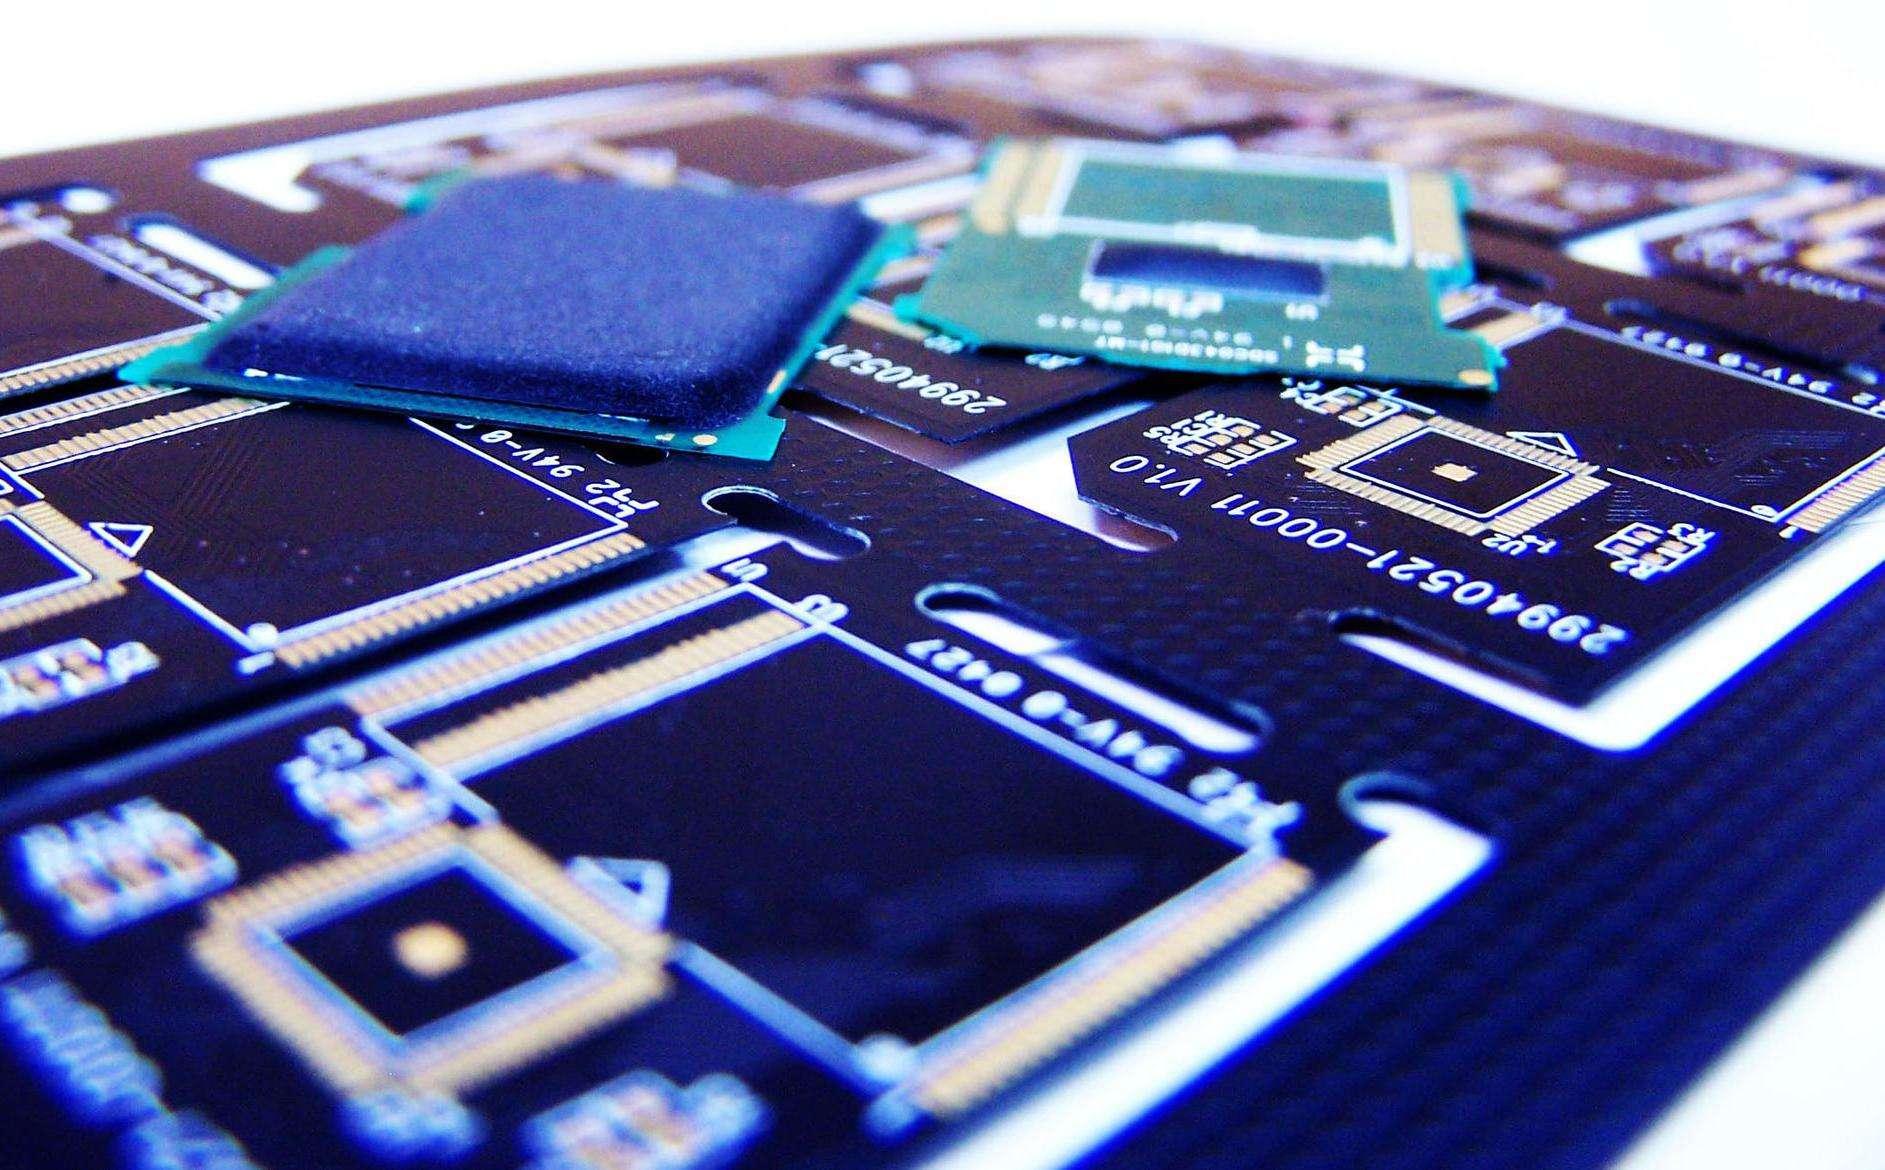 工程师必知:PCB中各组件之间的接线安排方式